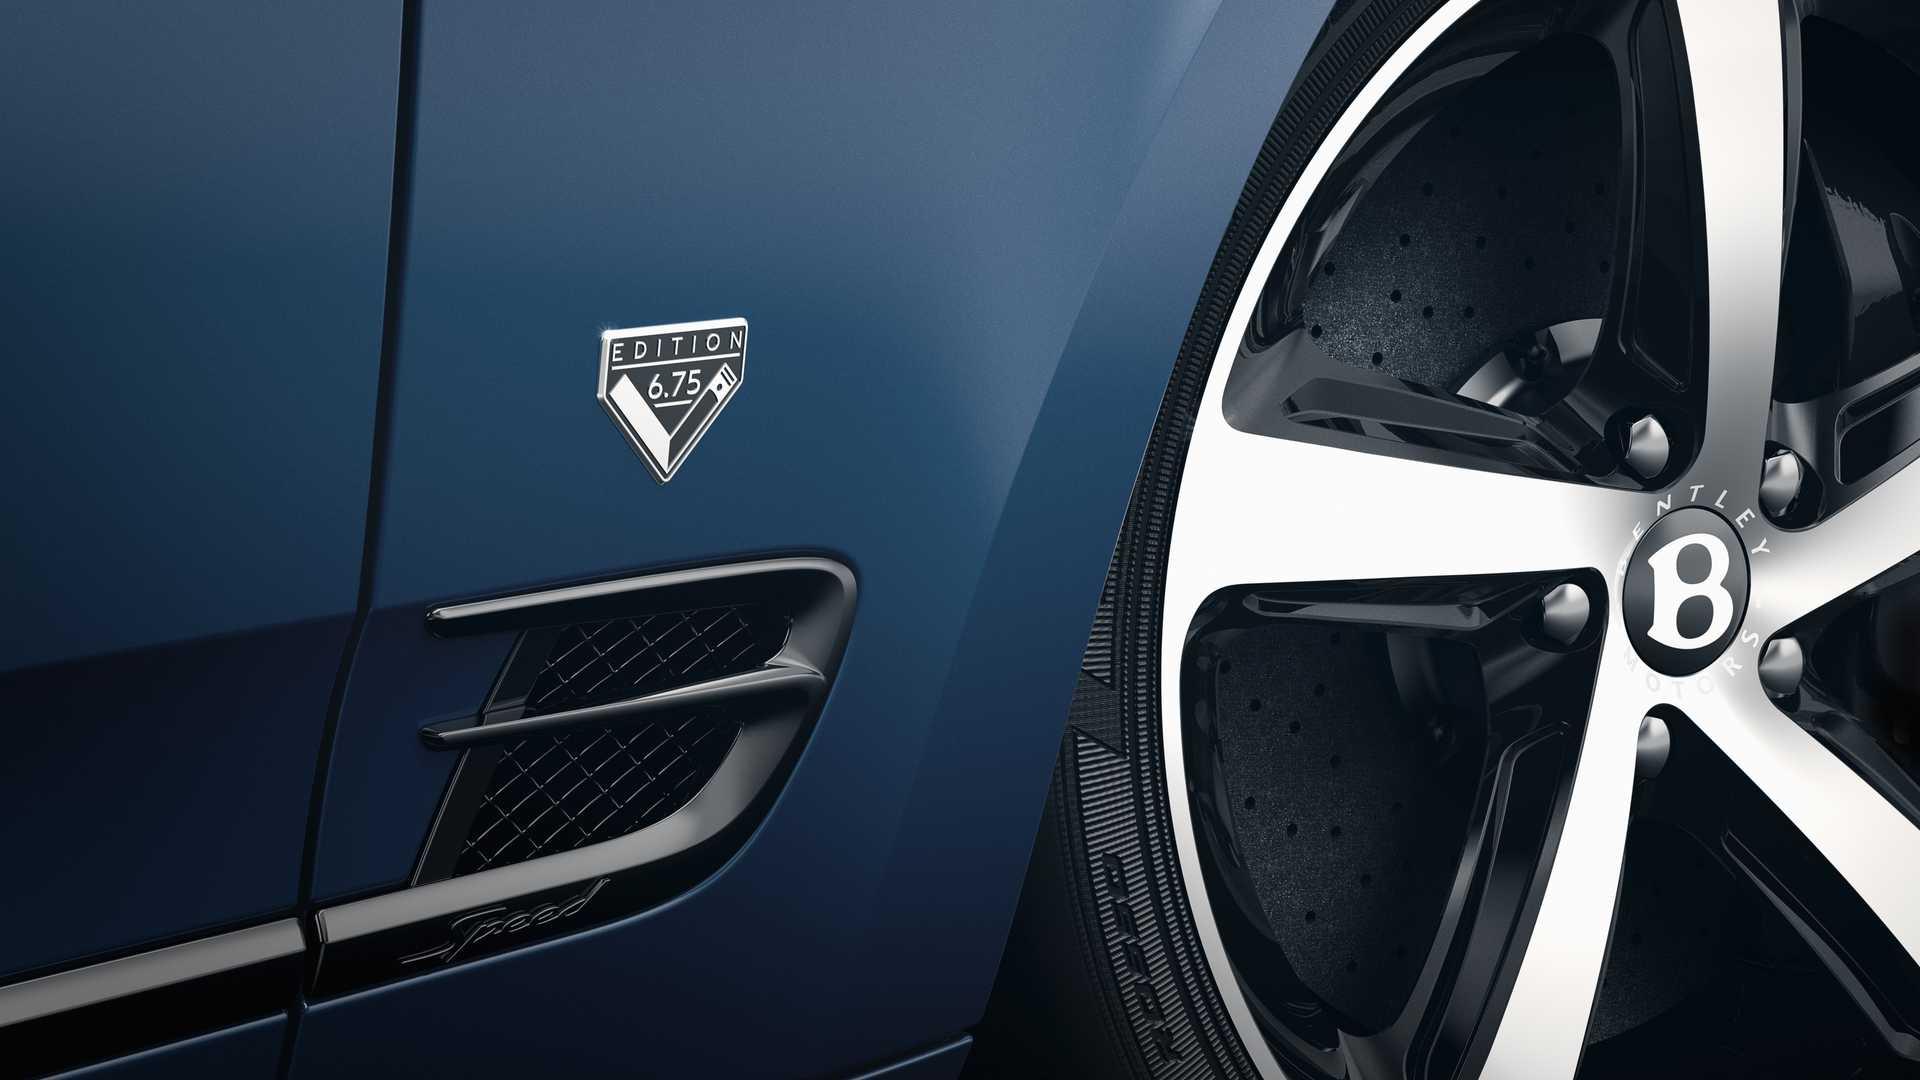 Bentley Mulsanne 6.75 Edition, mạnh 530 mã lực, phiên bản giới hạn 50 chiếc - 4